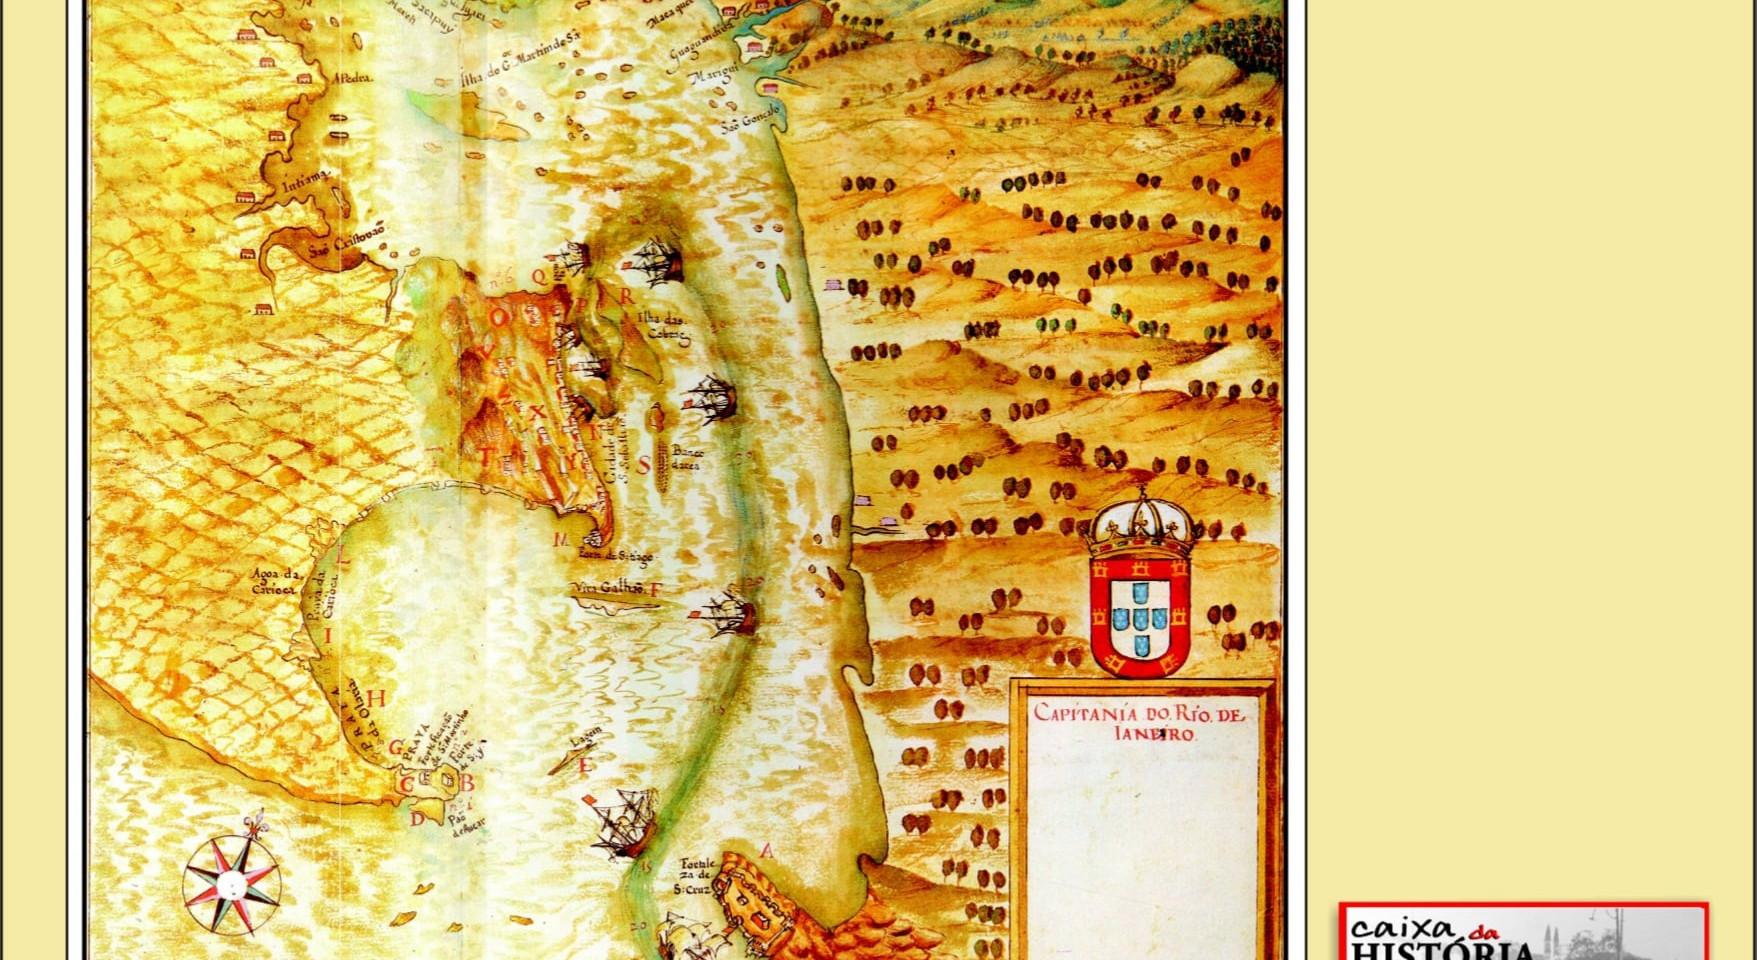 MAPA 6 - CAPITANIA DO RIO DE JANEIRO